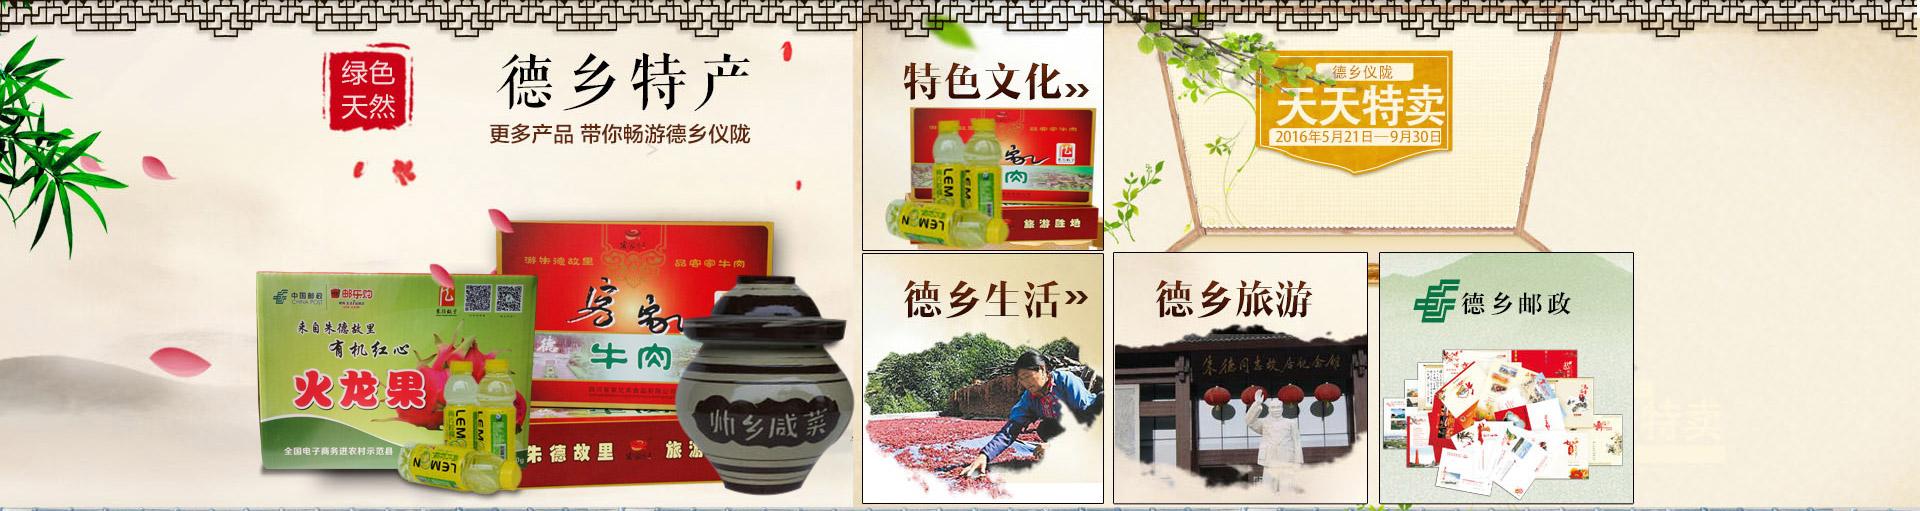 邮乐网德乡仪陇产品列表_03.jpg